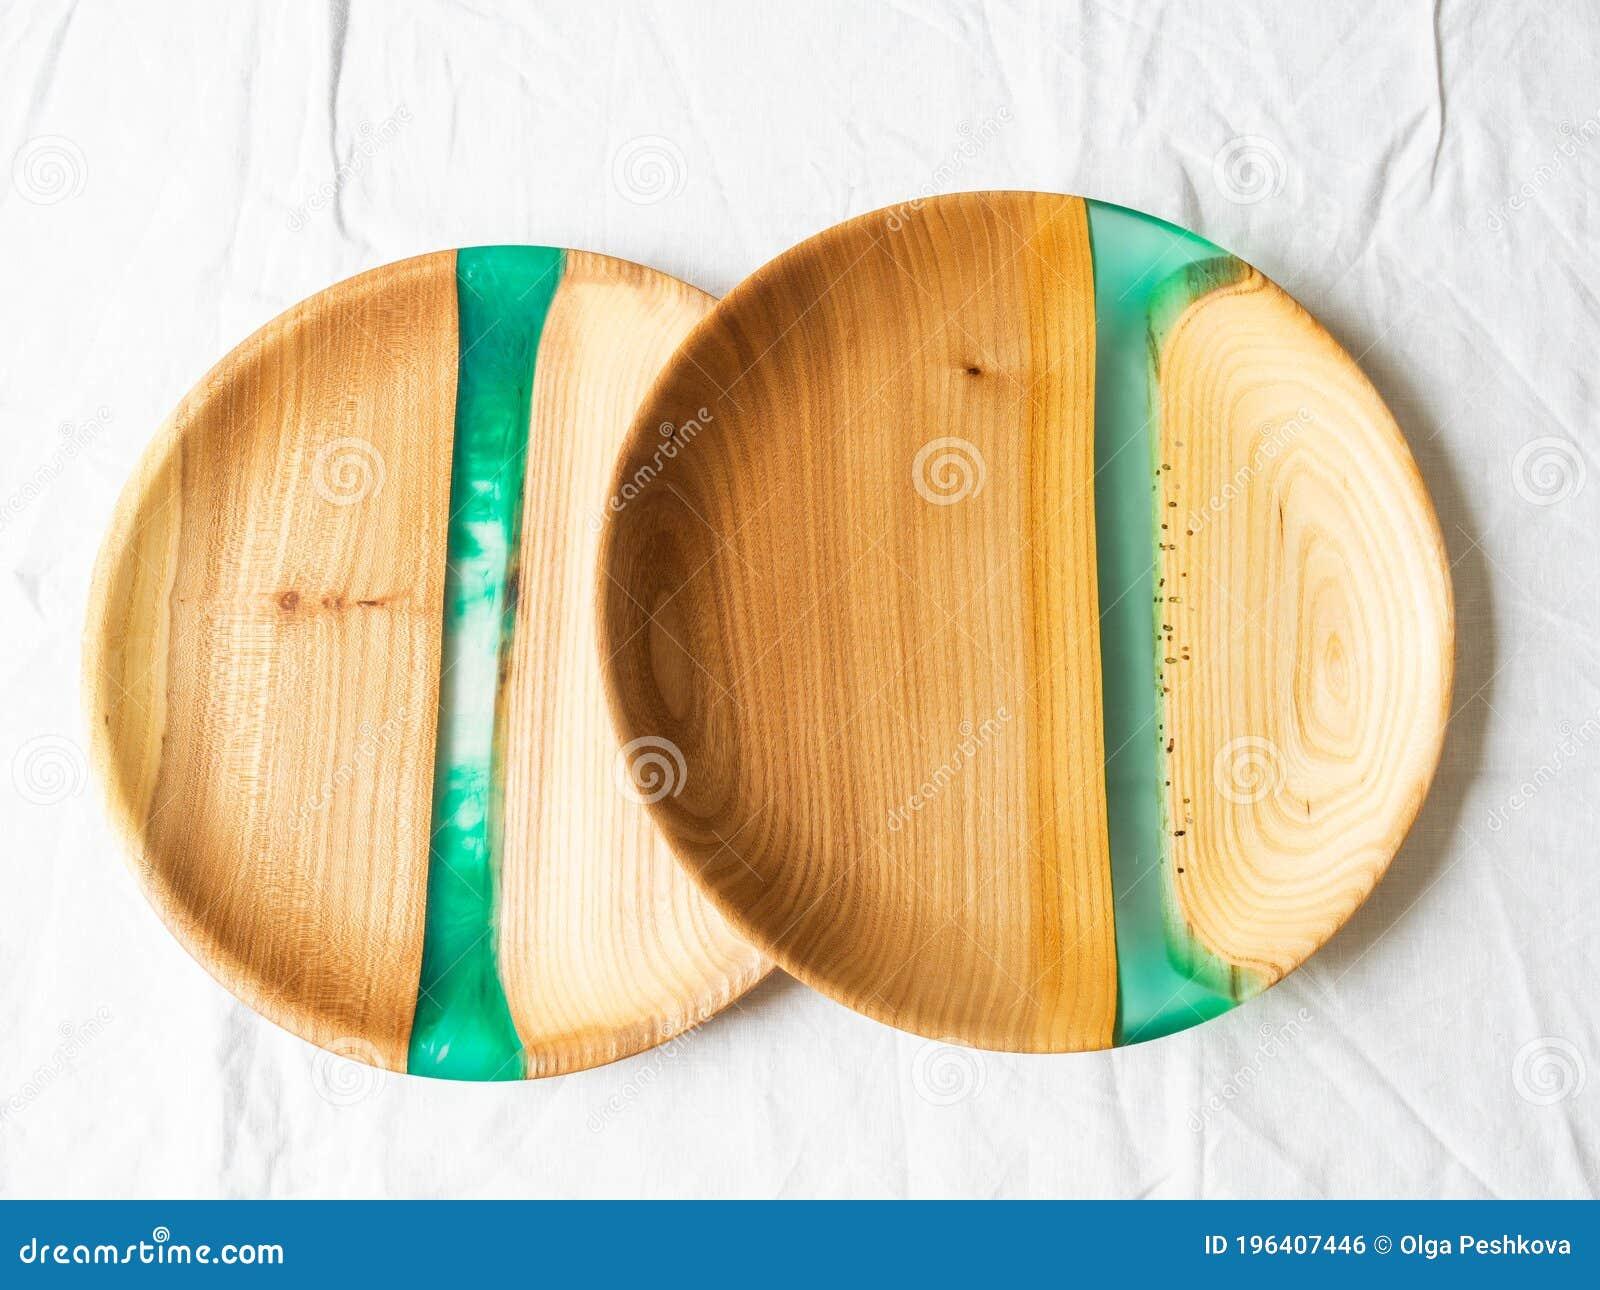 Due Vassoi Di Legno Rotondi Con Inserti Di Resina Verde Su Fondo Bianco Vista Dall Alto Copia Spazio Fotografia Stock Immagine Di Oggetto Materiale 196407446